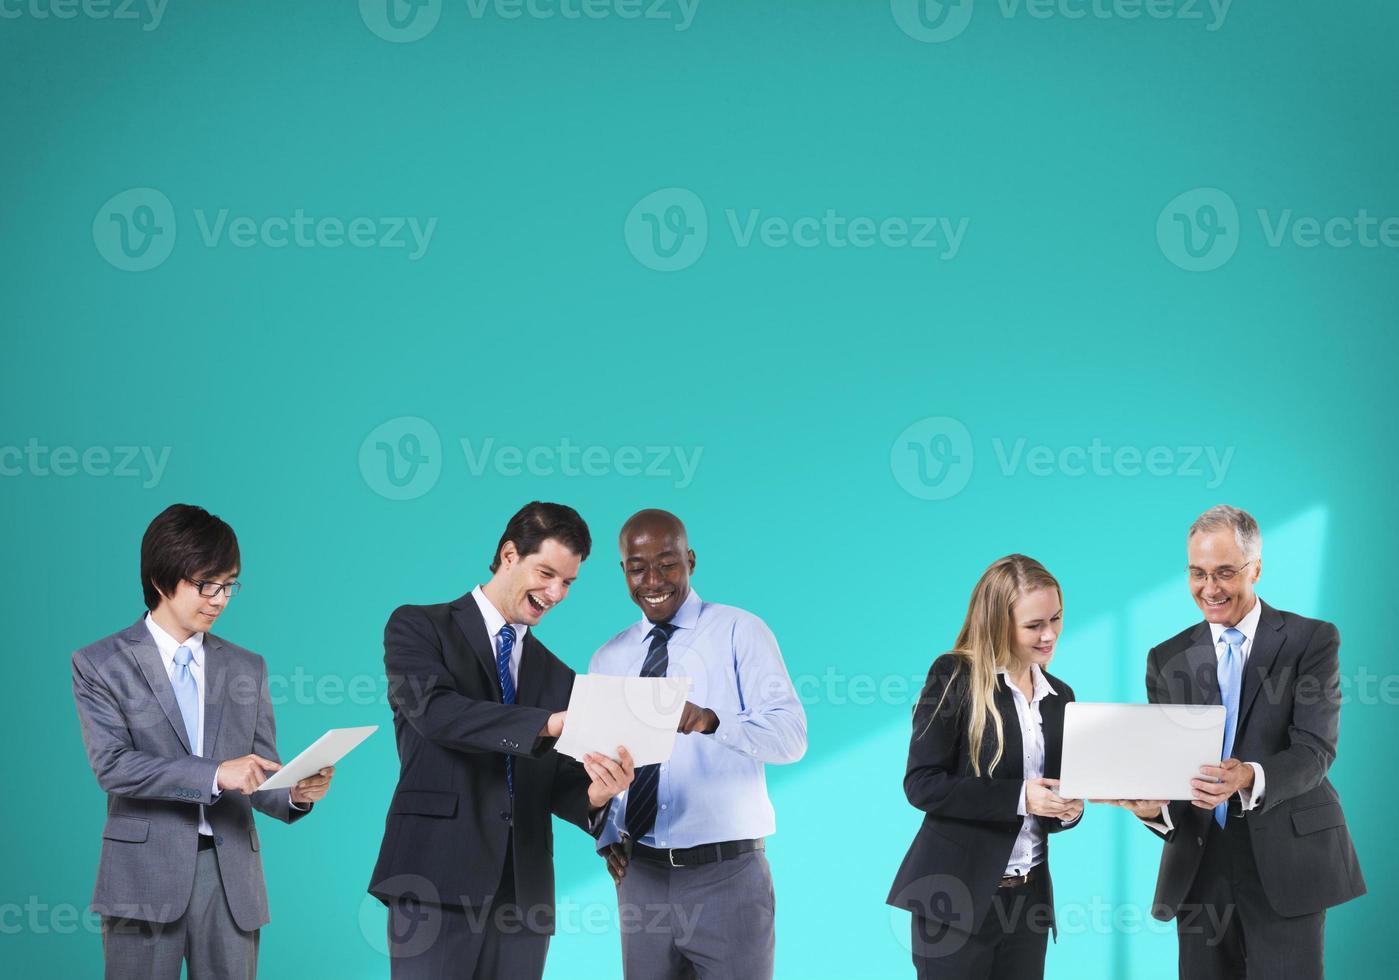 affärsfolk teknik nätverk anslutning team koncept foto